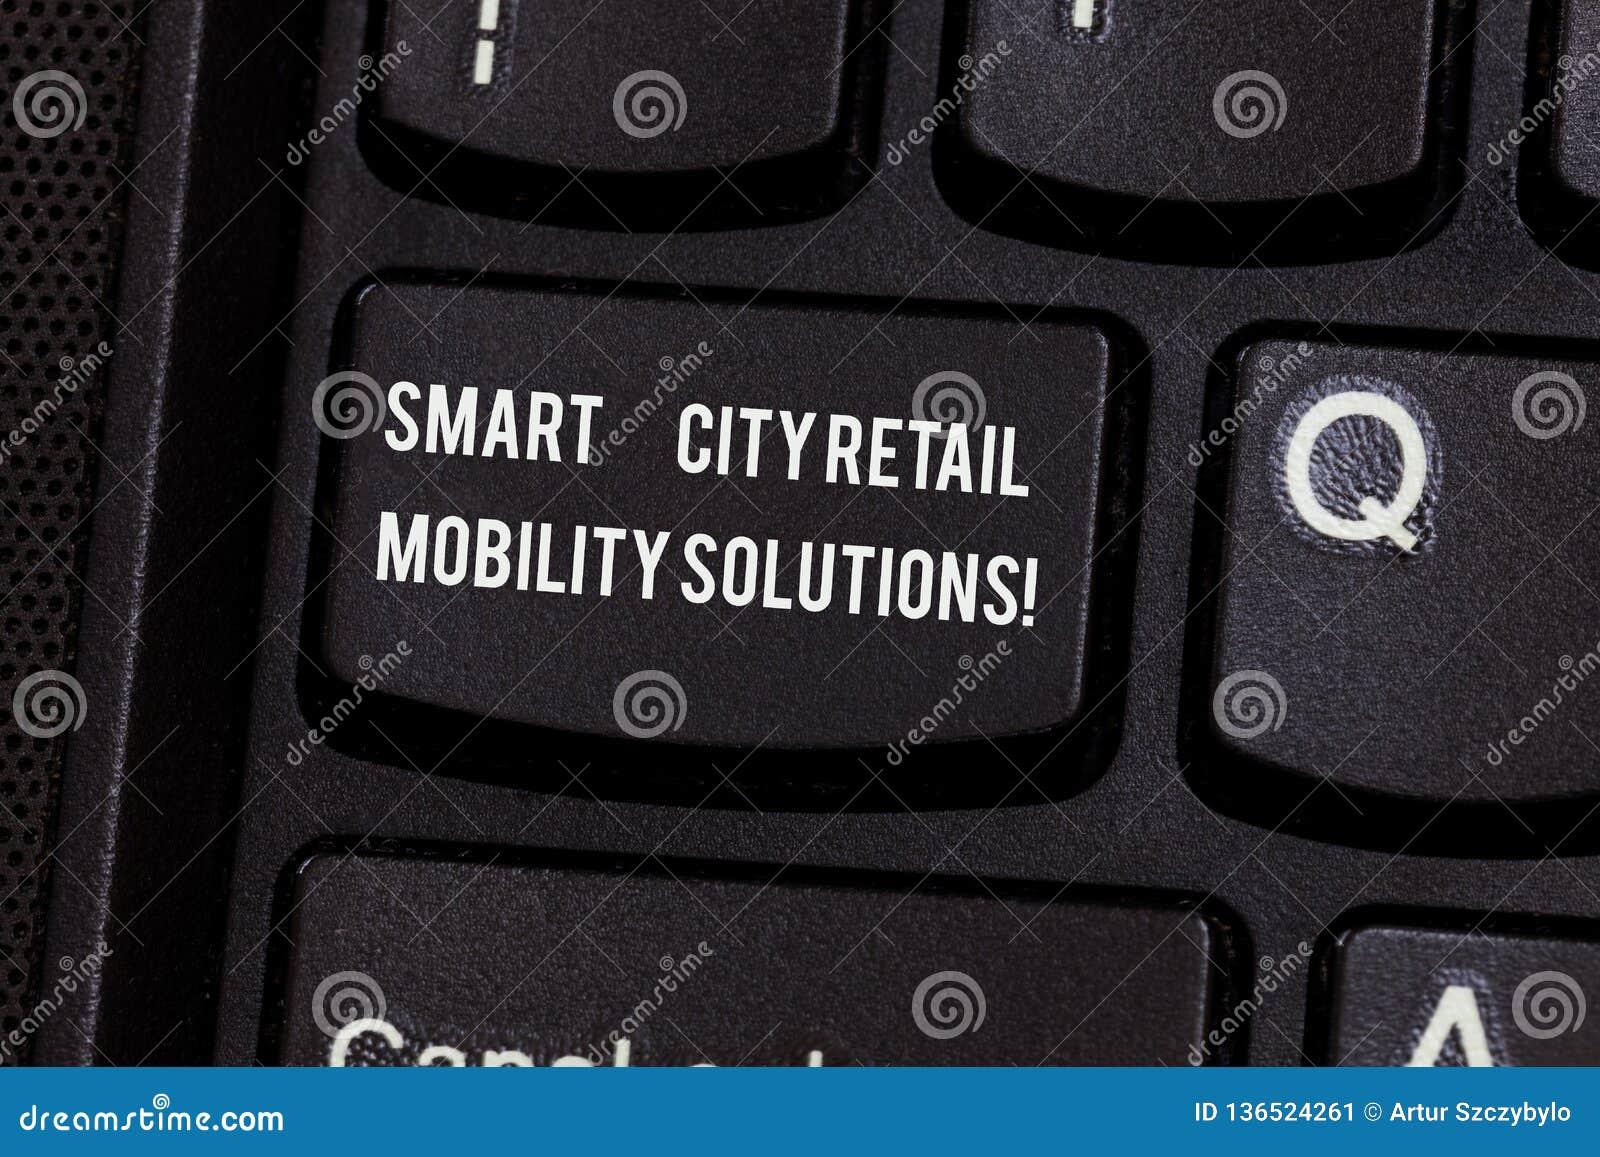 显示聪明的城市零售流动性解答的概念性手文字 企业照片文本连接了技术现代城市